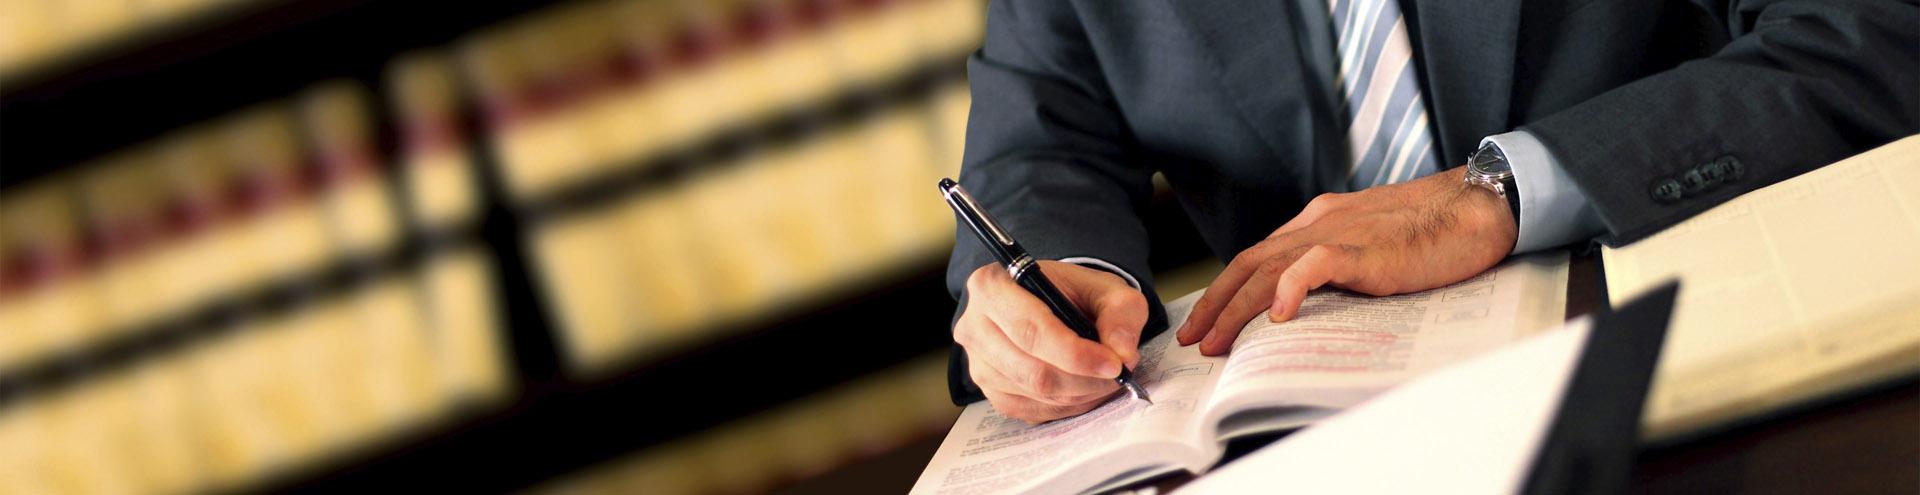 представительство в суде в Нижнем Новгороде и Нижегородской области